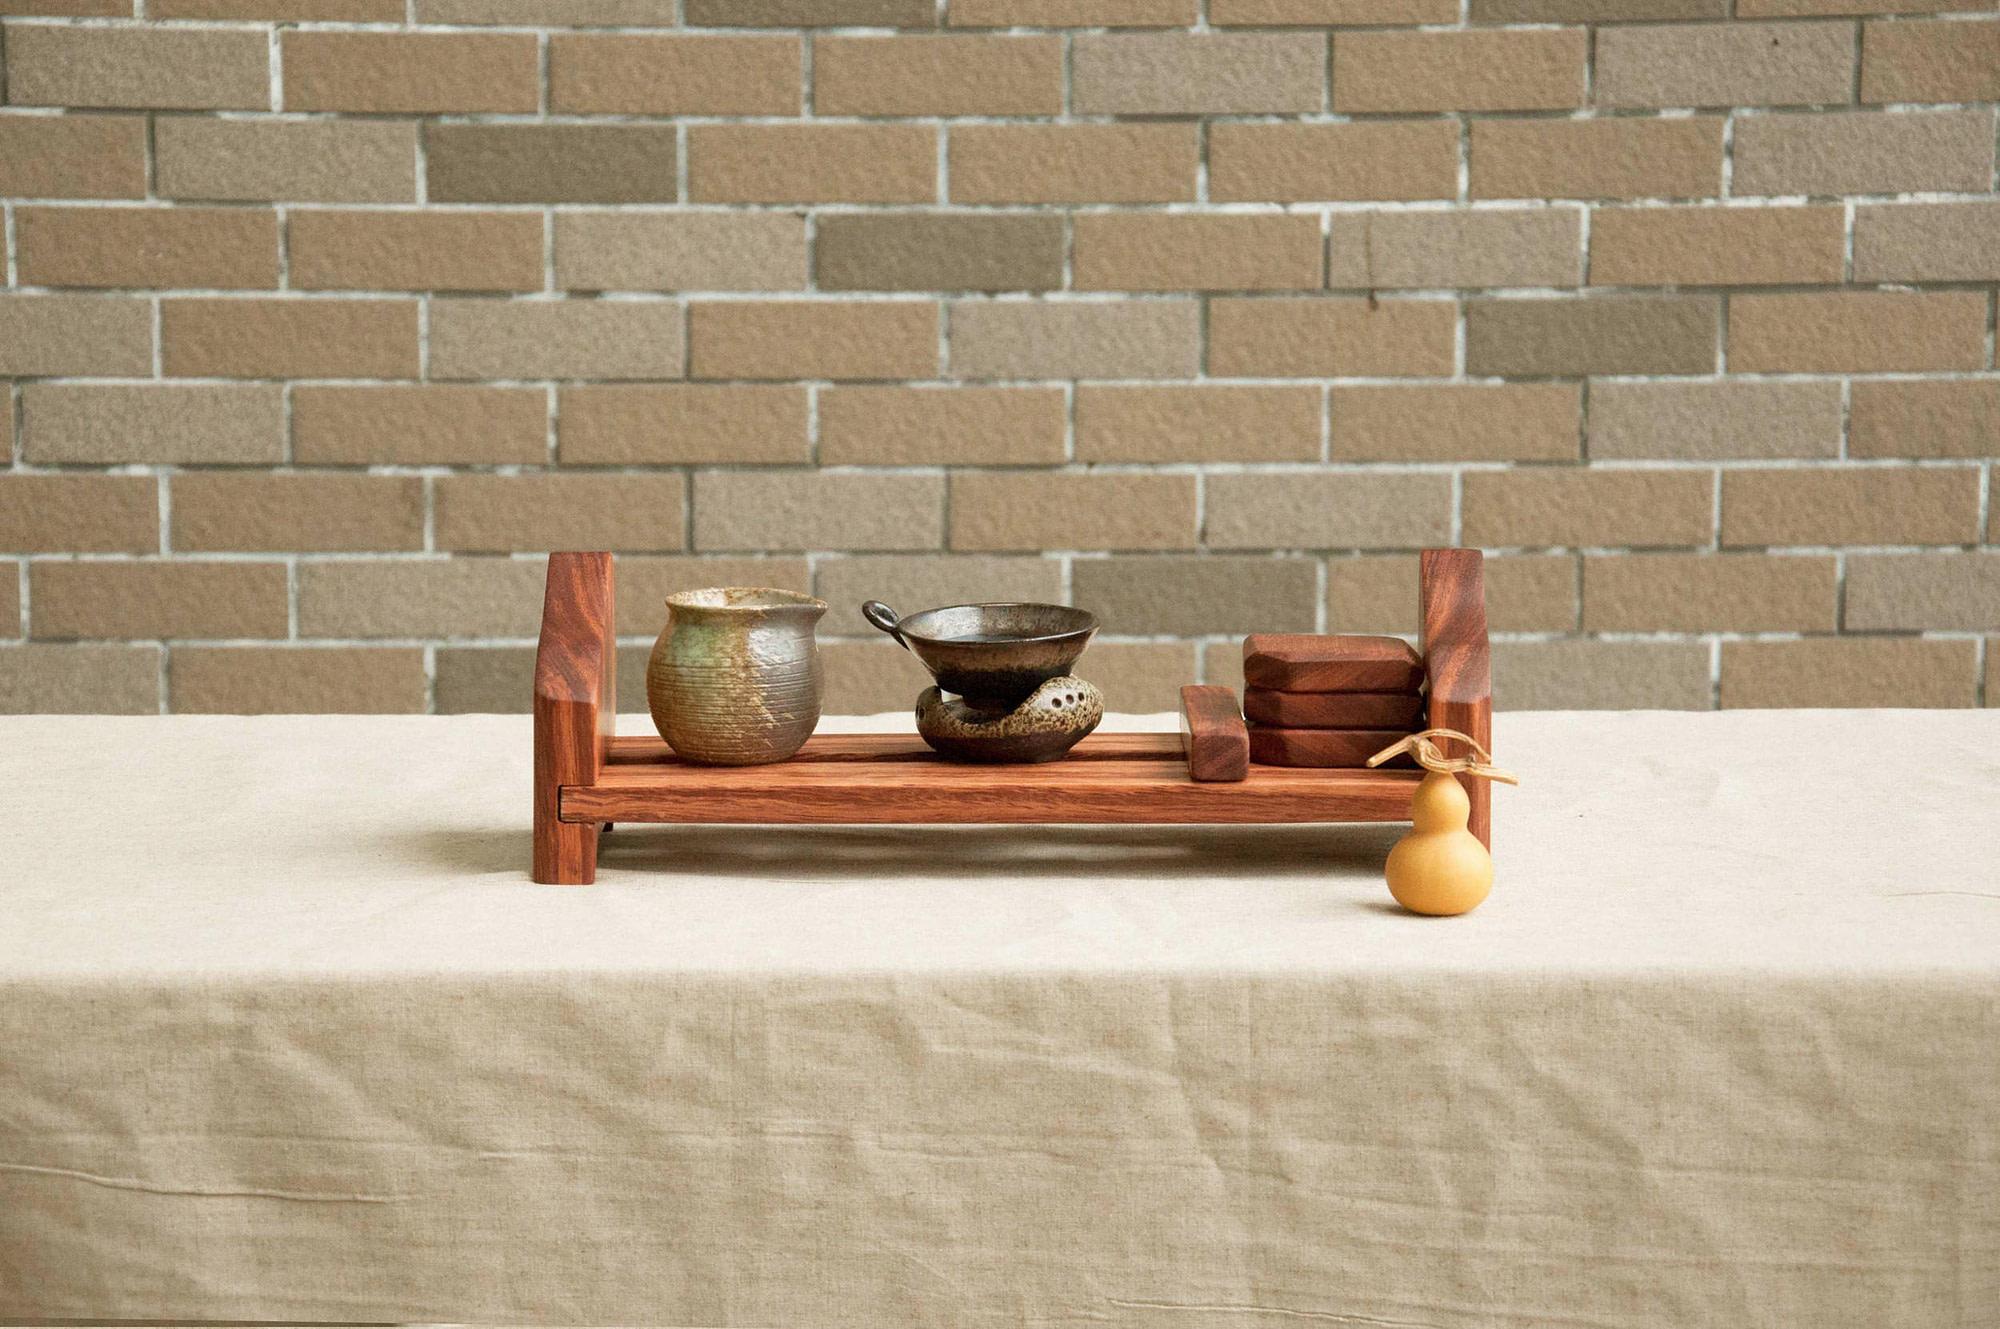 SHAN SHUI Teaware 9